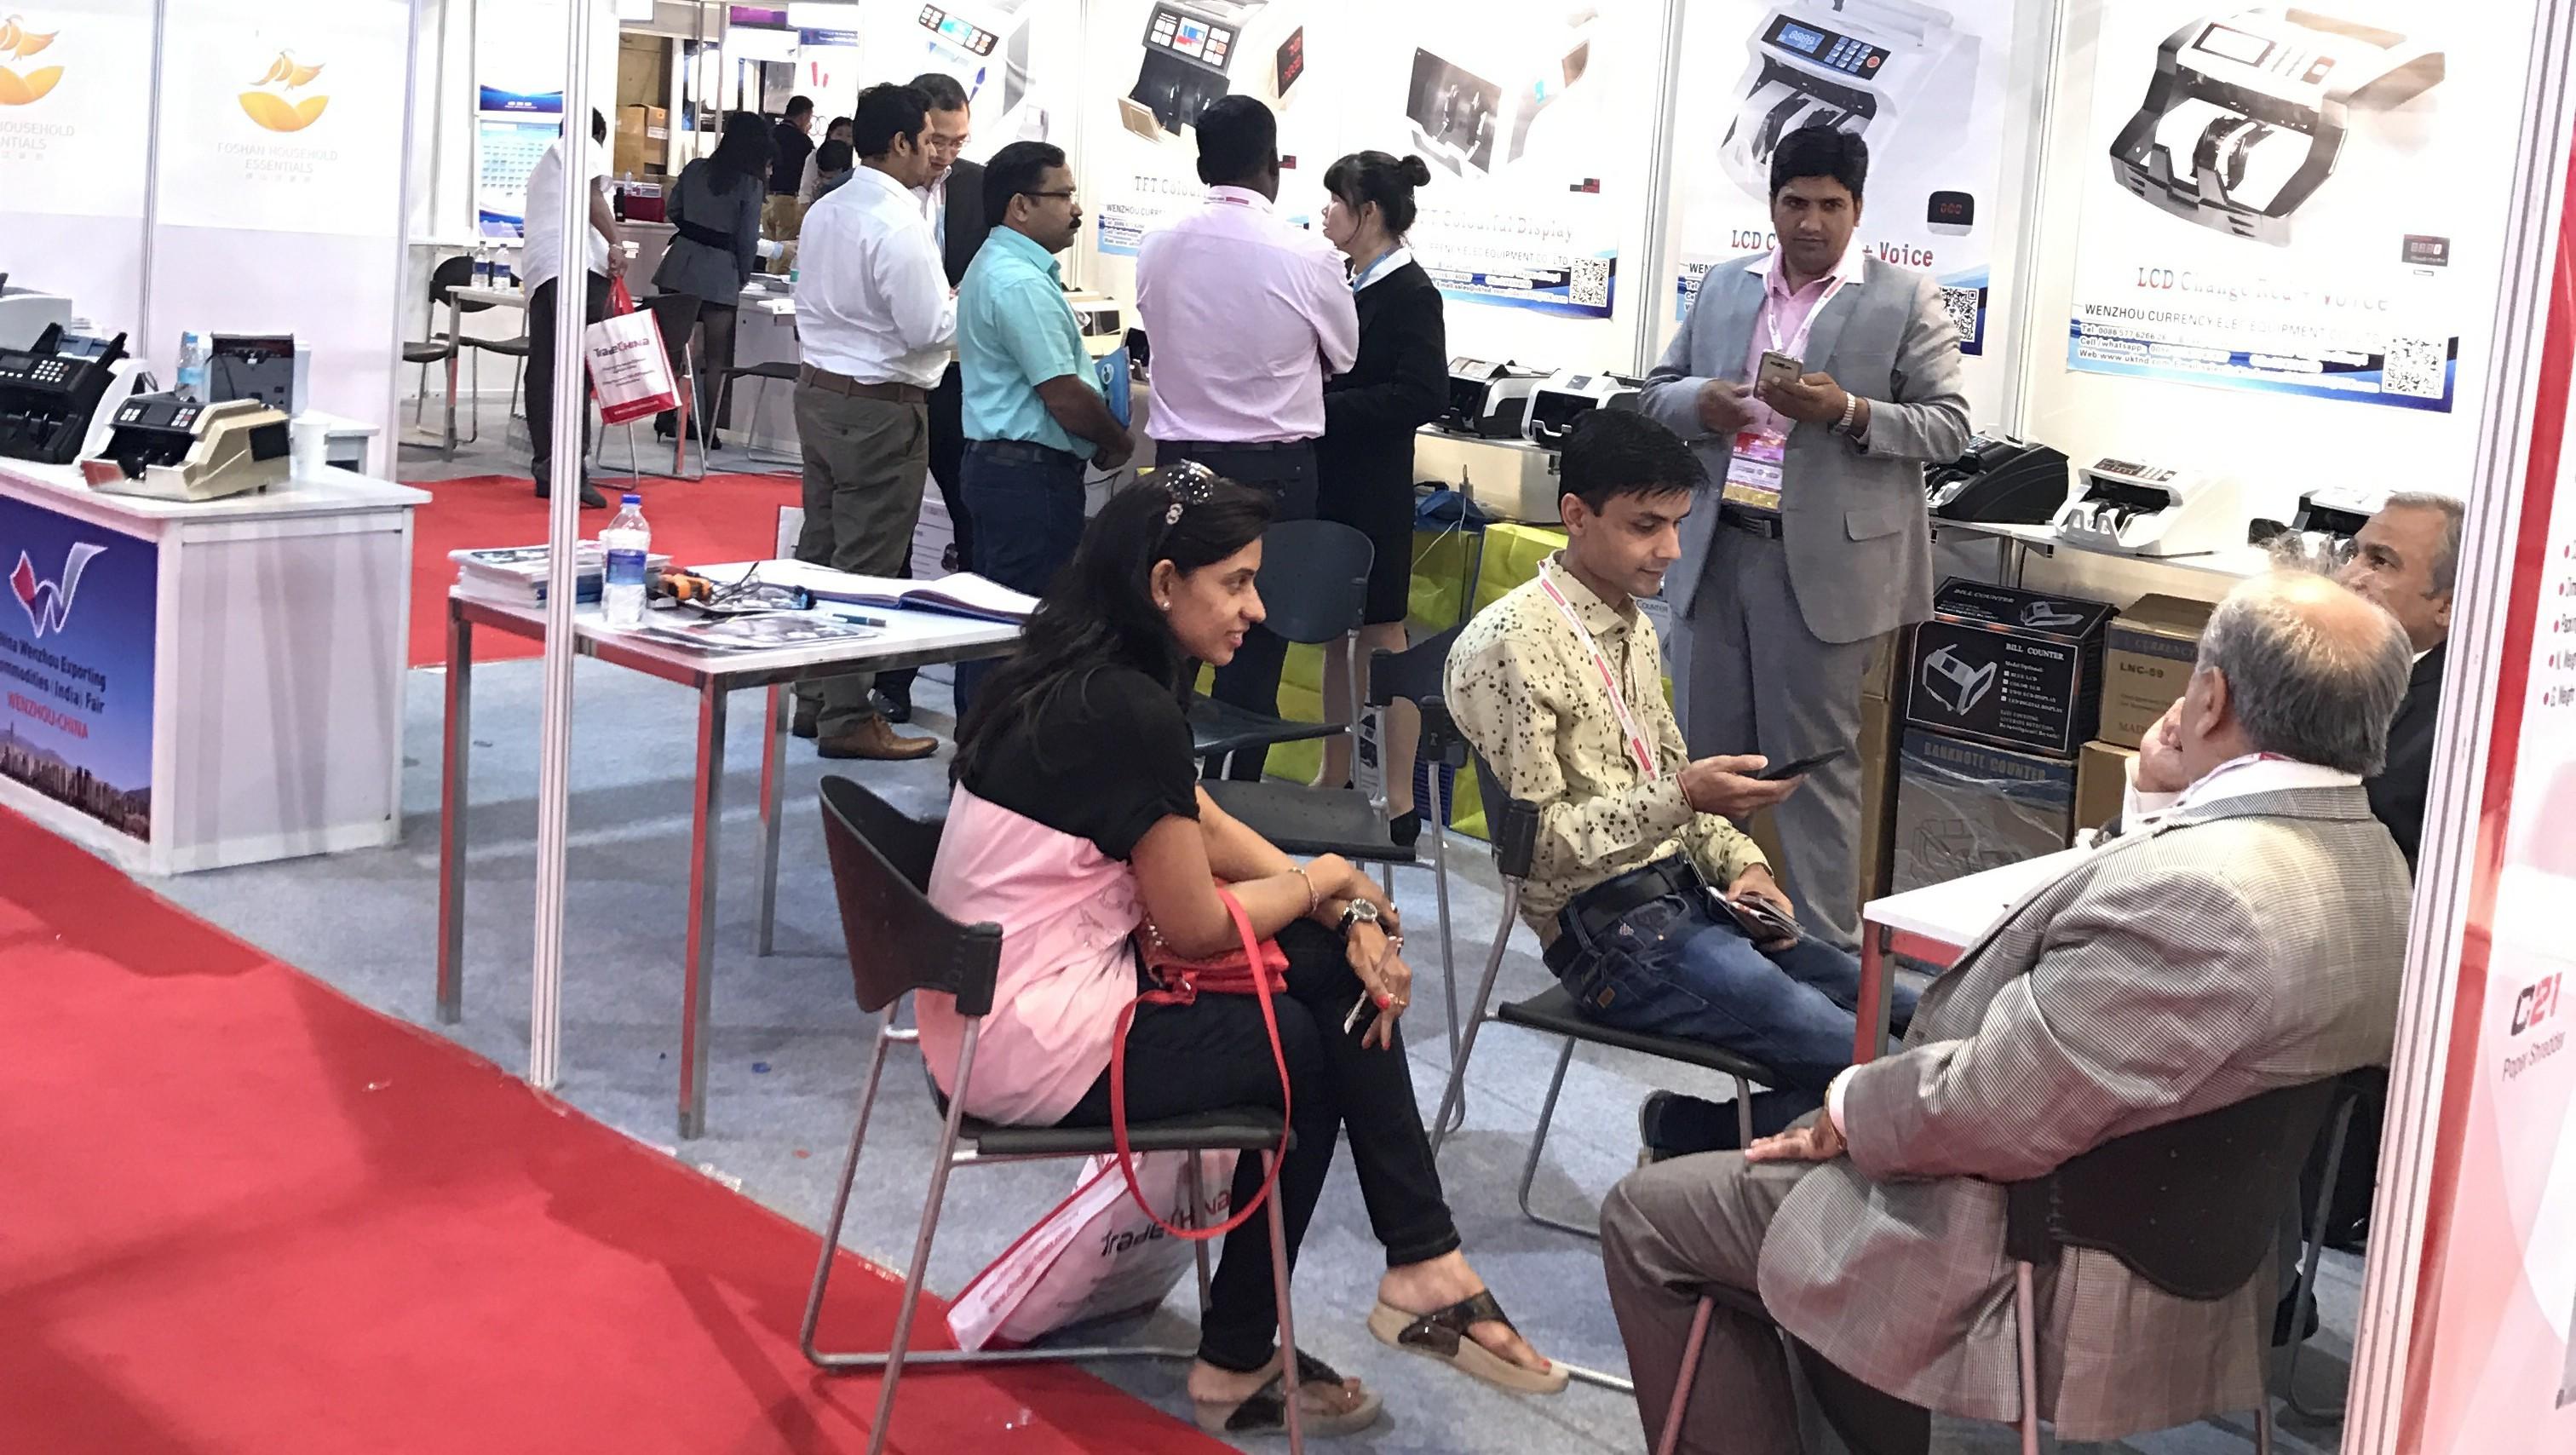 中國(印度)貿易博覽會 暨電子消費品展覽會